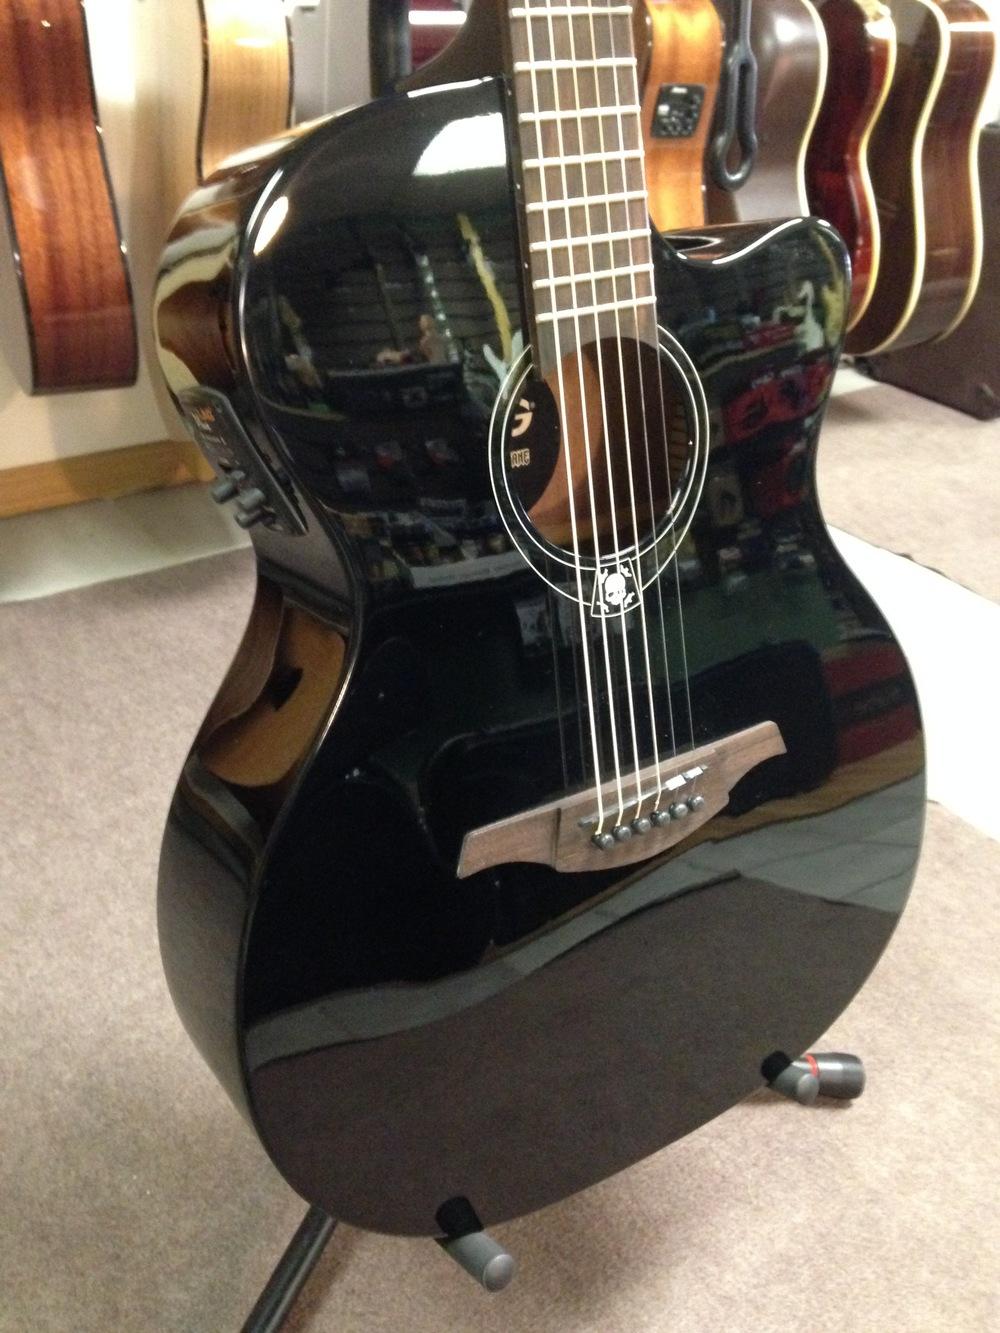 DT66ACE - $330